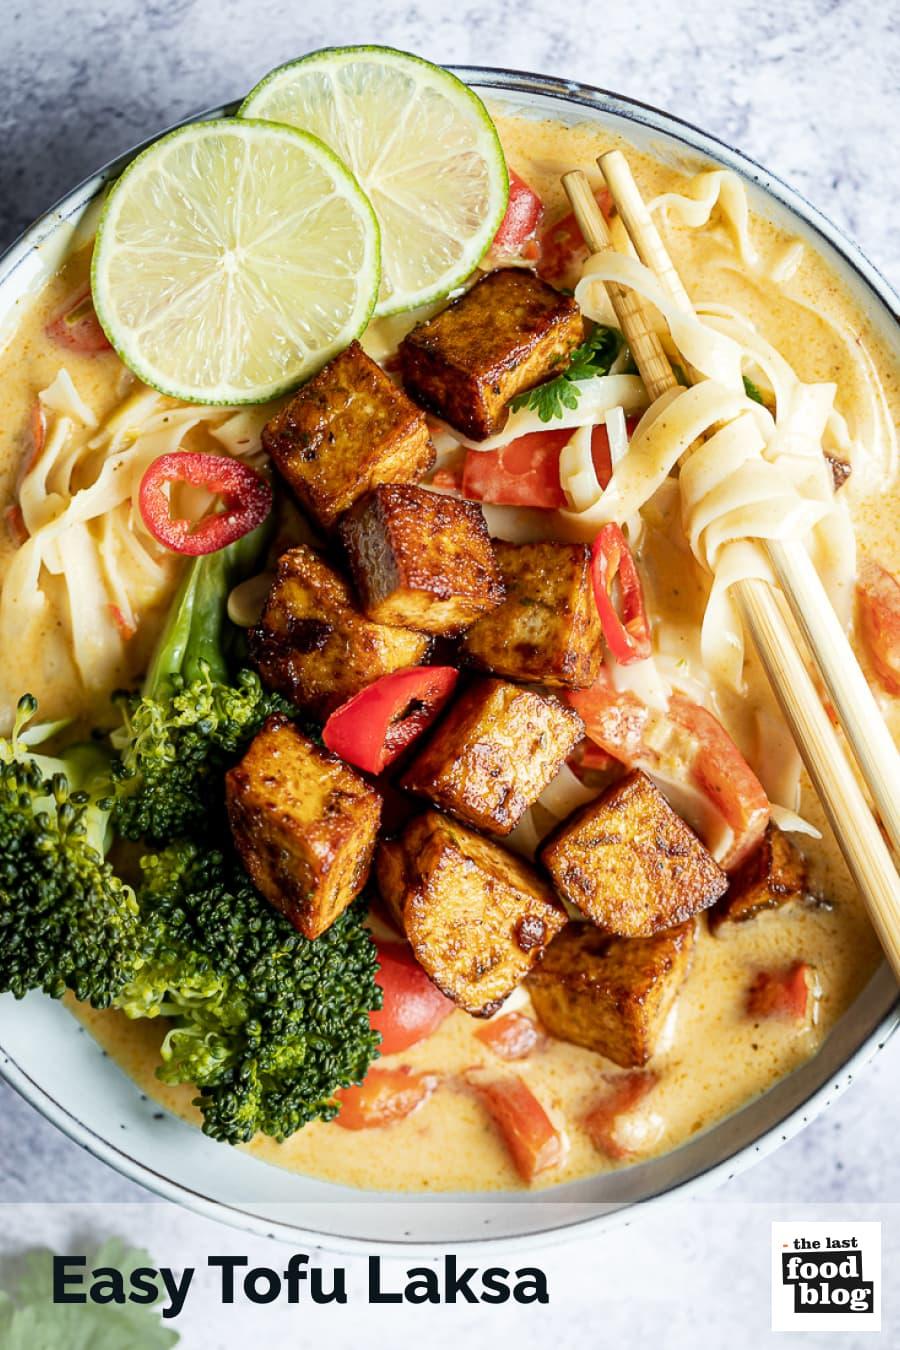 Easy Tofu Laksa